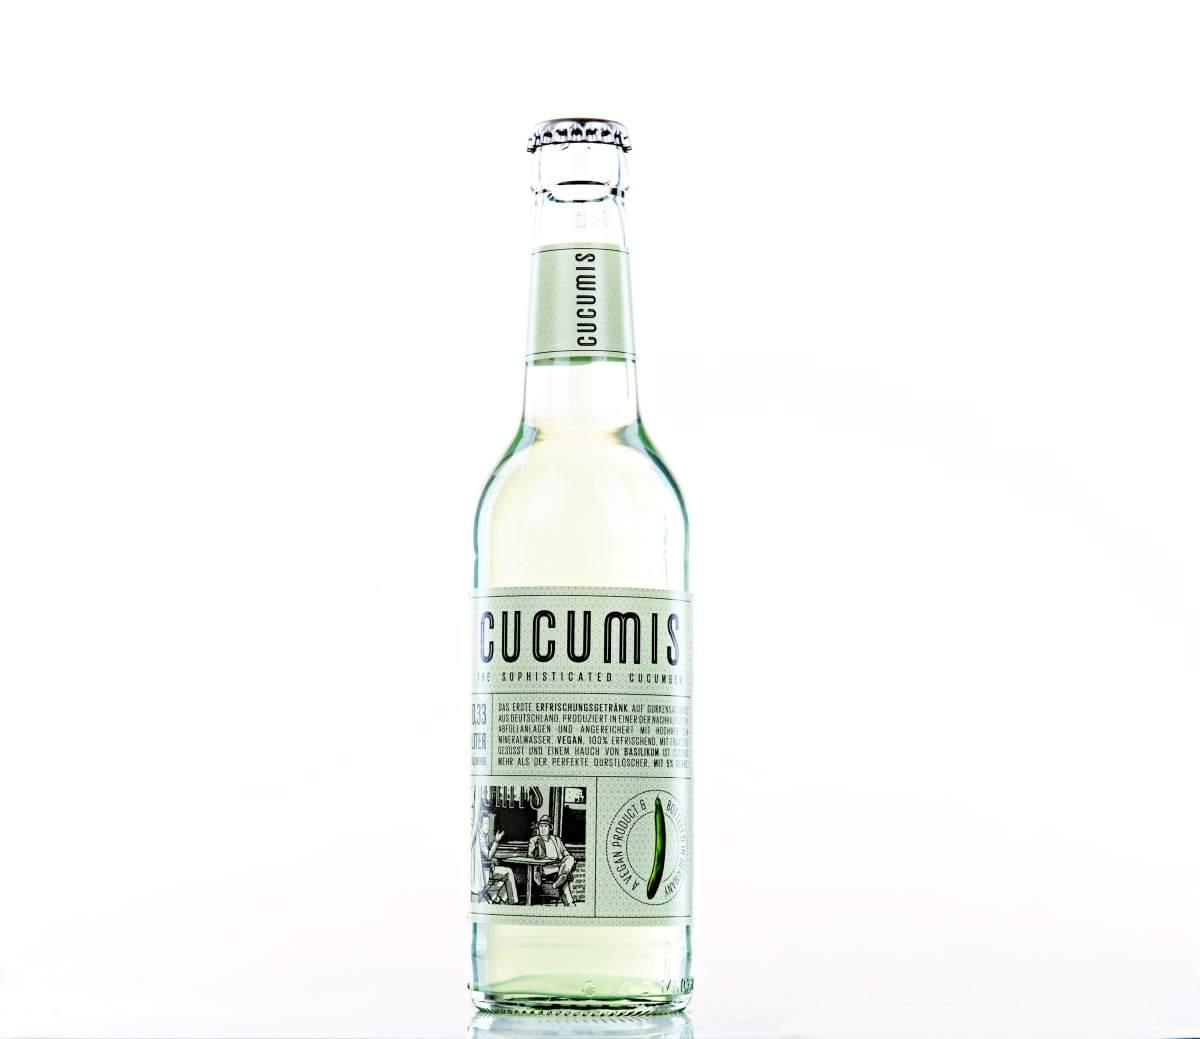 CUCUMIS: die kultivierte Limonade aus Gurken – the Next Big Thing ...